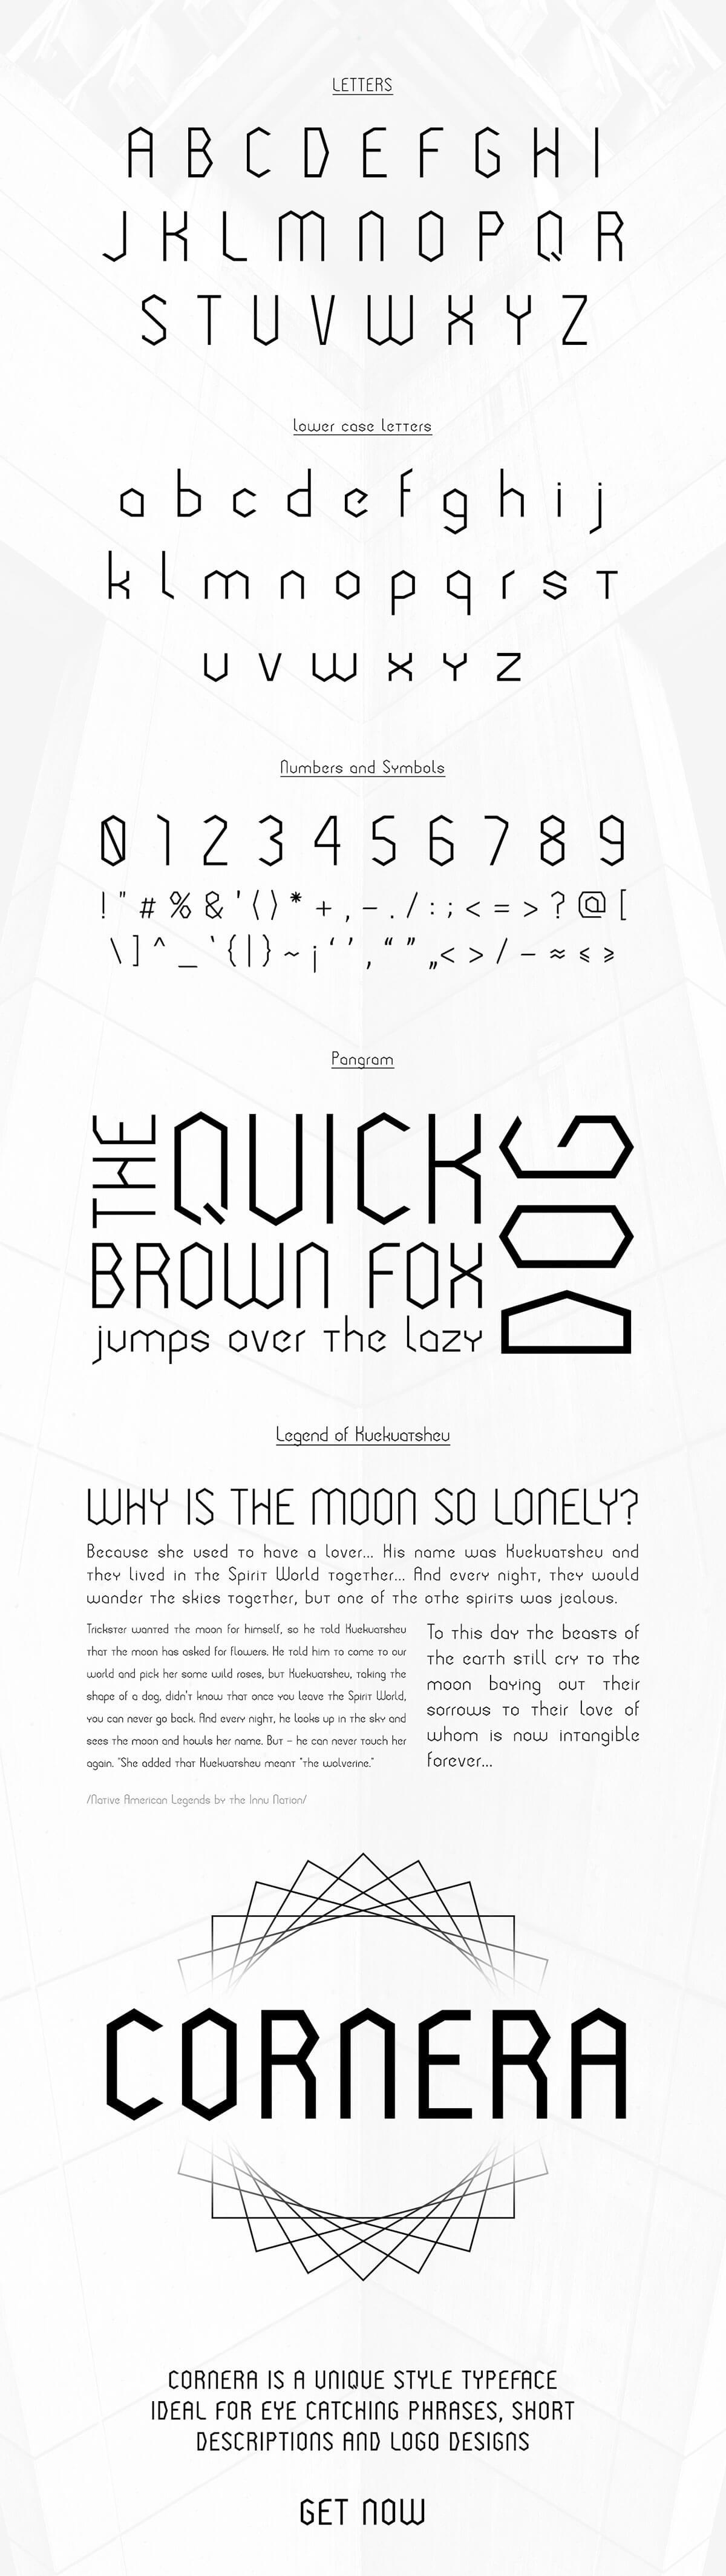 Free Cornera Display Font